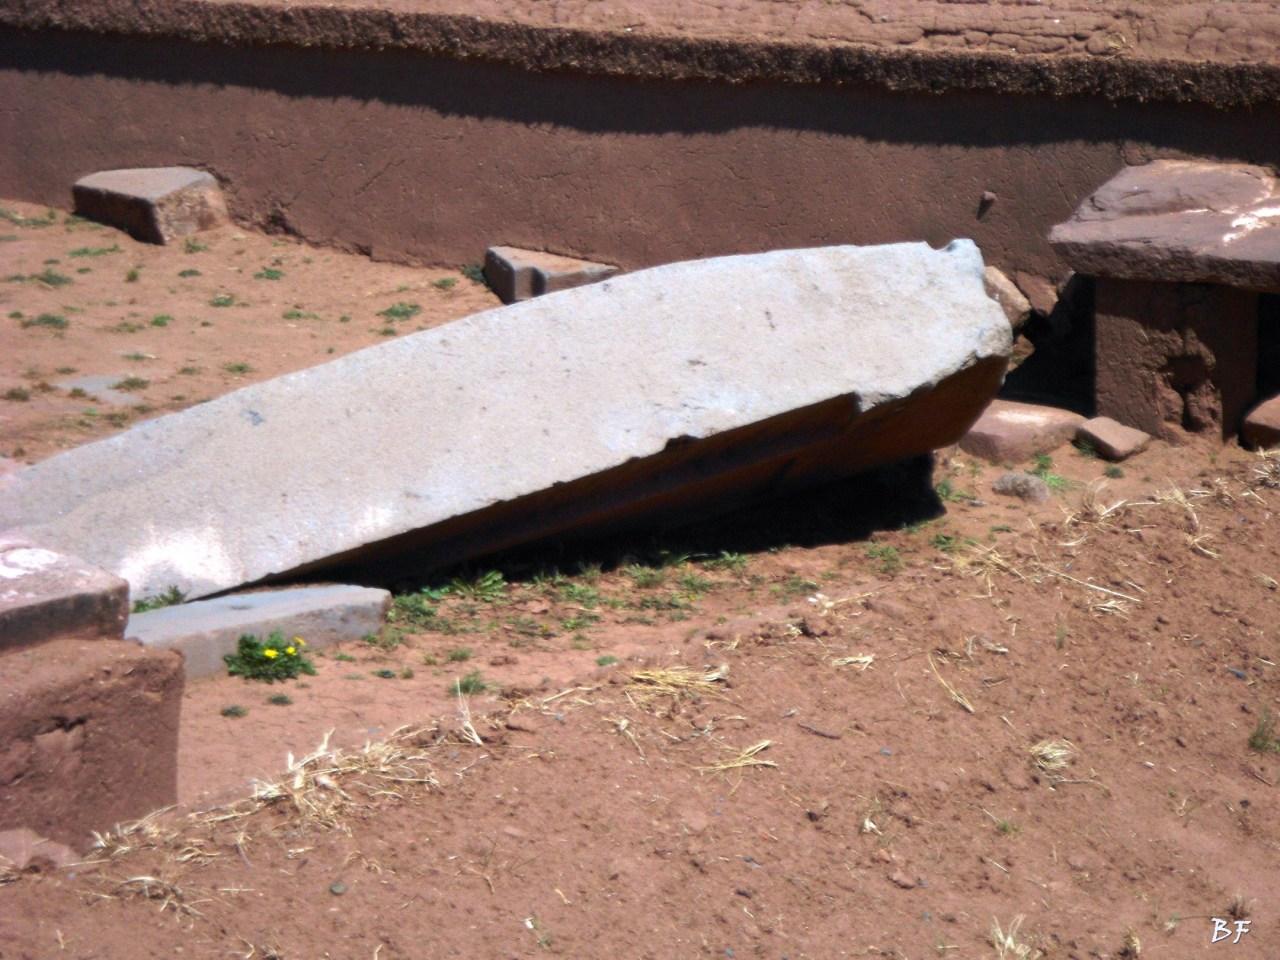 Puma-Punku-Area-Megalitica-Mura-Poligonali-Megaliti-Tiwanaku-Tiahuanaco-Bolivia-17